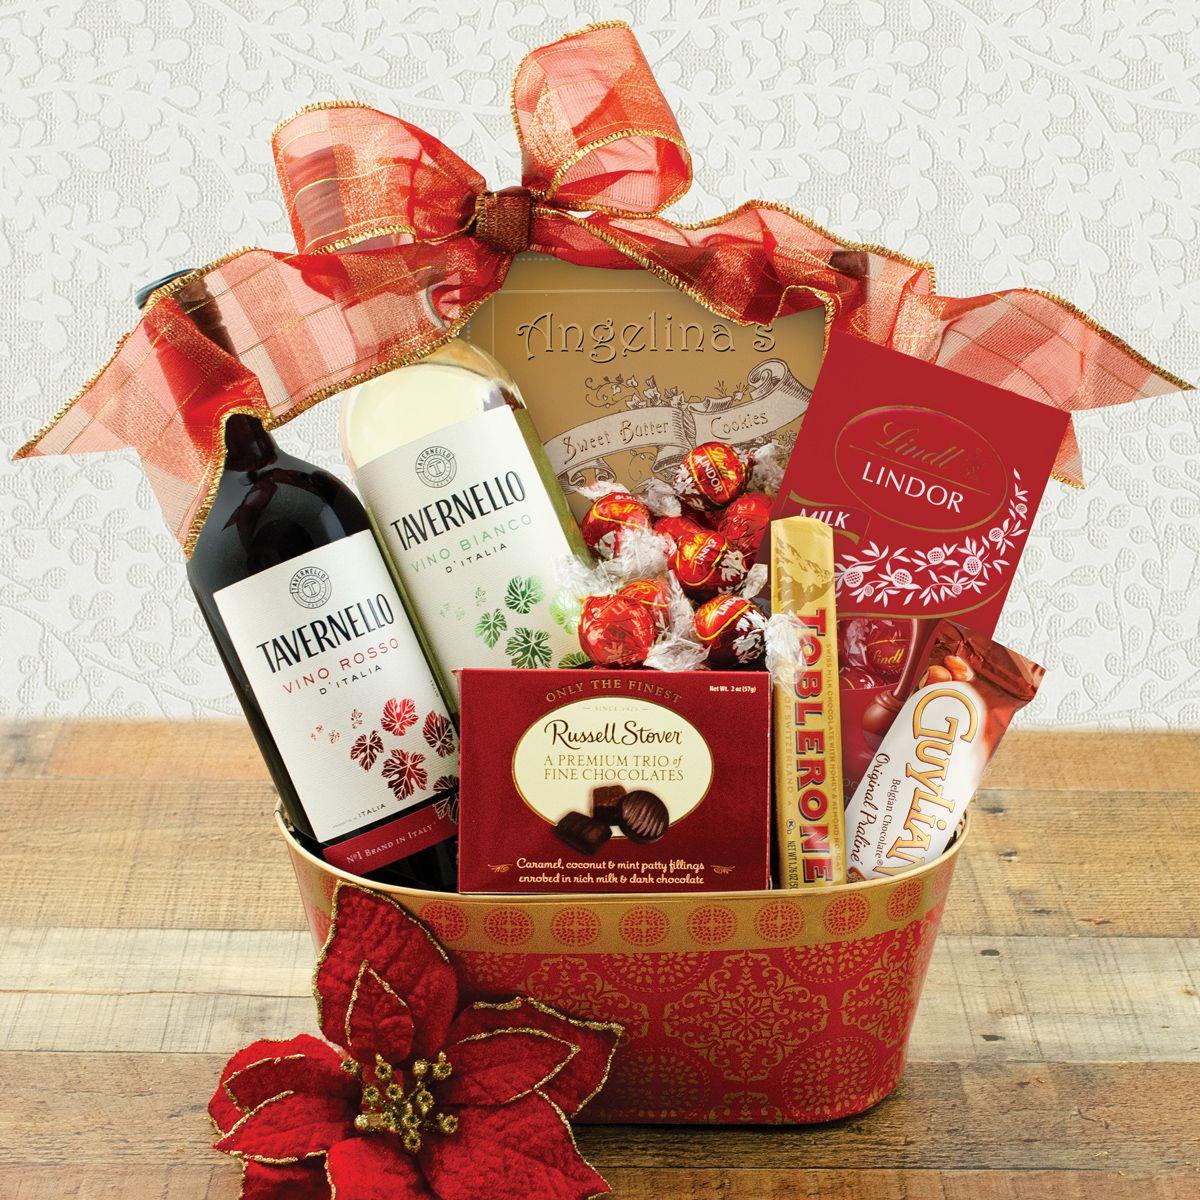 Yuletide Treasures Wine Duo Gift Basket Wine Gift Baskets Fruit Gifts Fruit Basket Gift